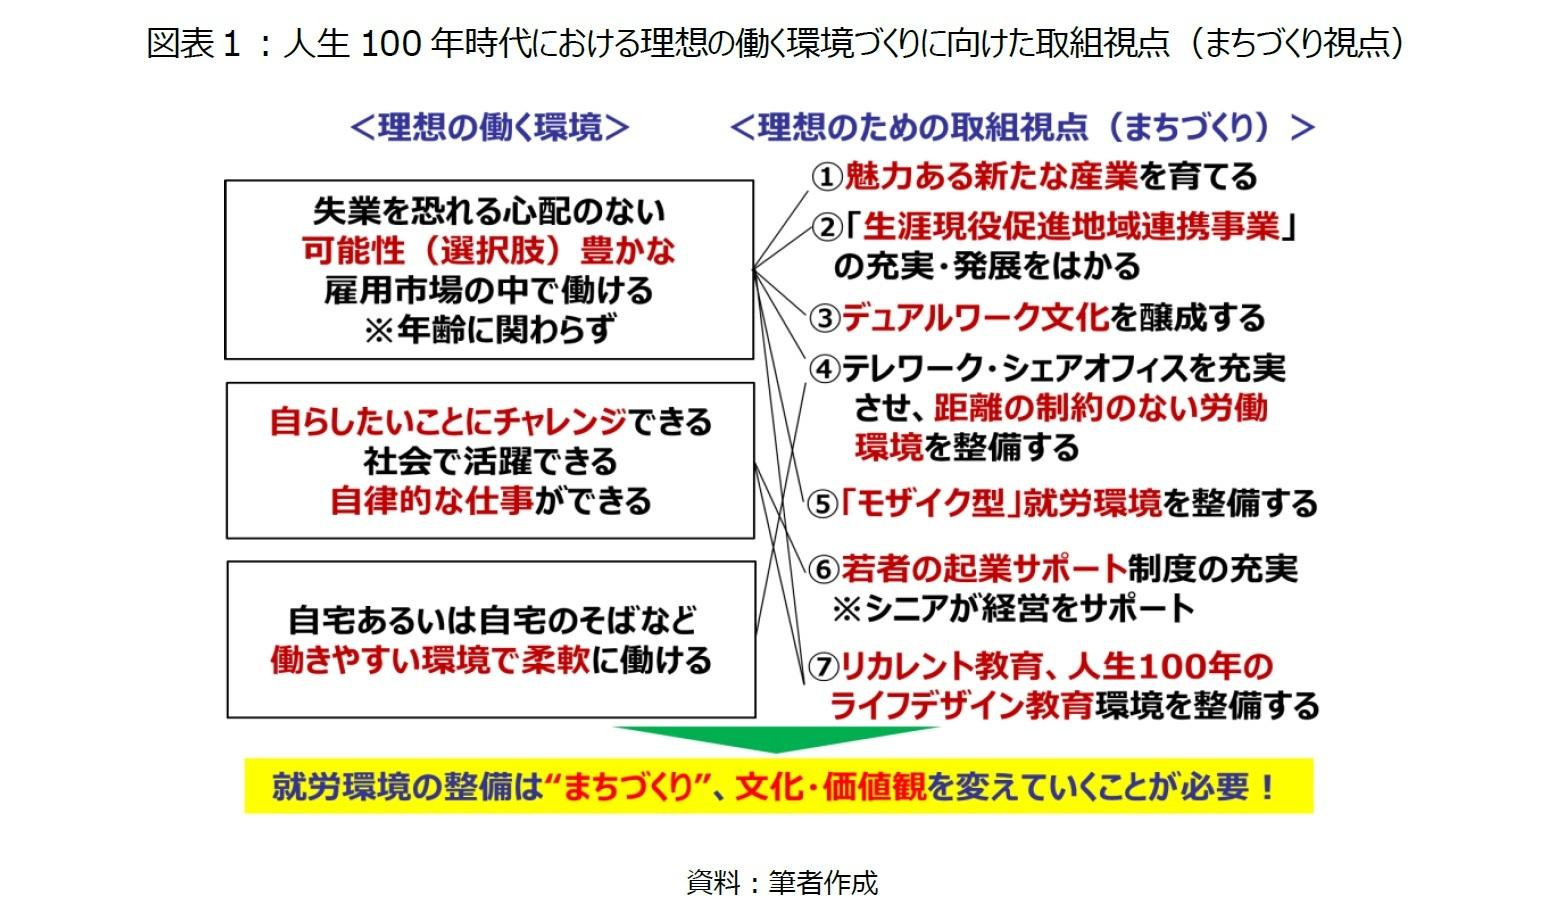 図表1:人生100年時代における理想の働く環境づくりに向けた取組視点(まちづくり視点)